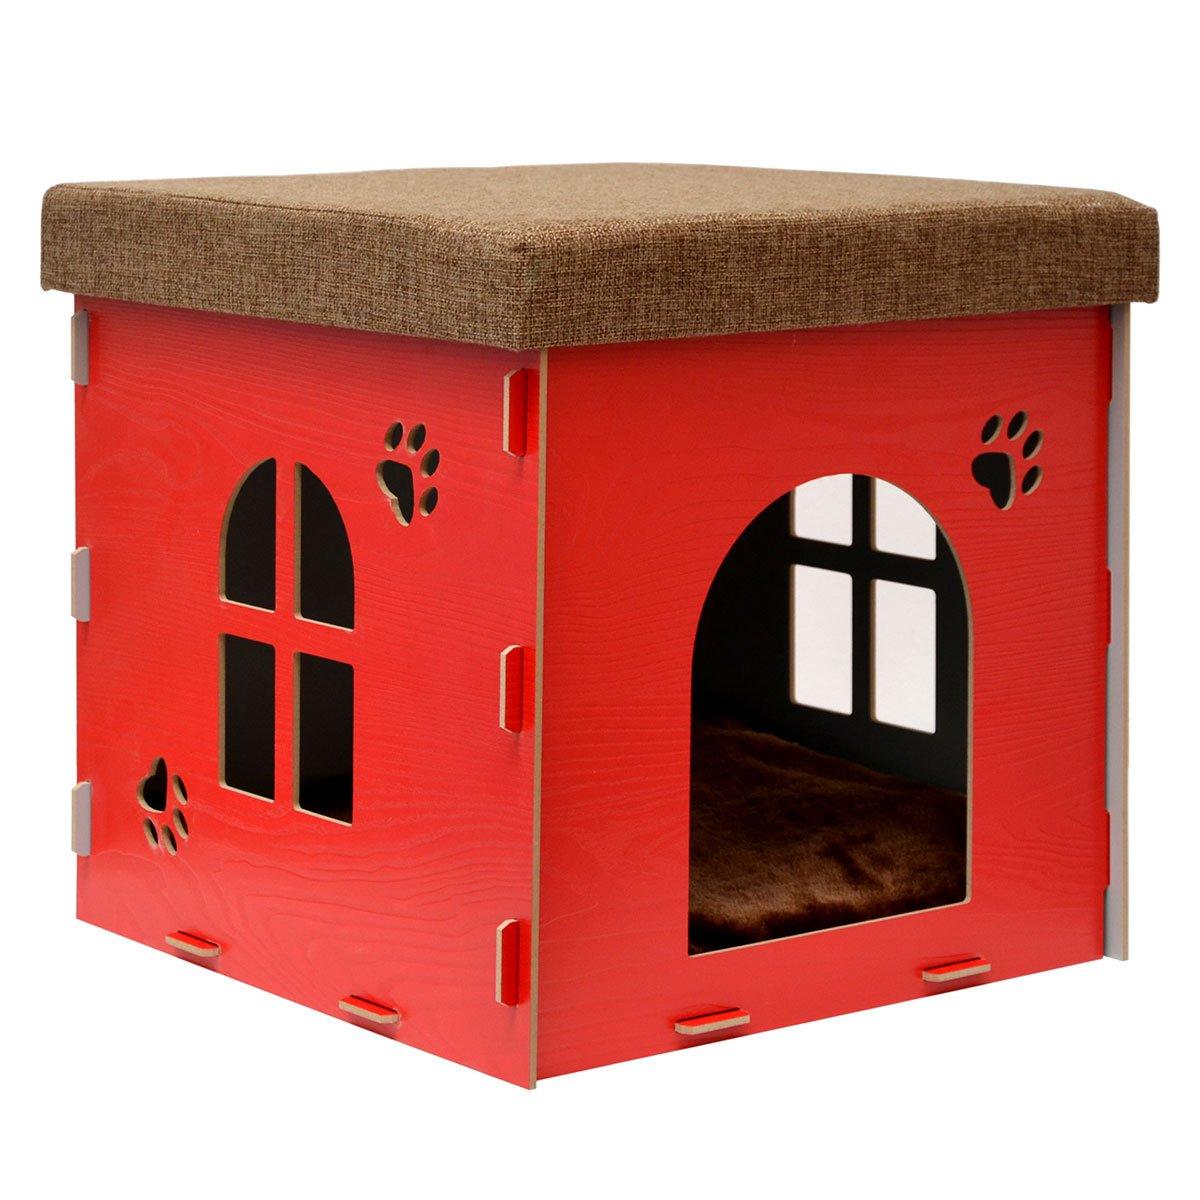 Eyepower Niche à Chien Dôme pour Chat 38x38x38cm Petite Maison S boîte carrée avec Couvercle rembourré pour s'asseoir Repose-Pied Blanc Omnideal